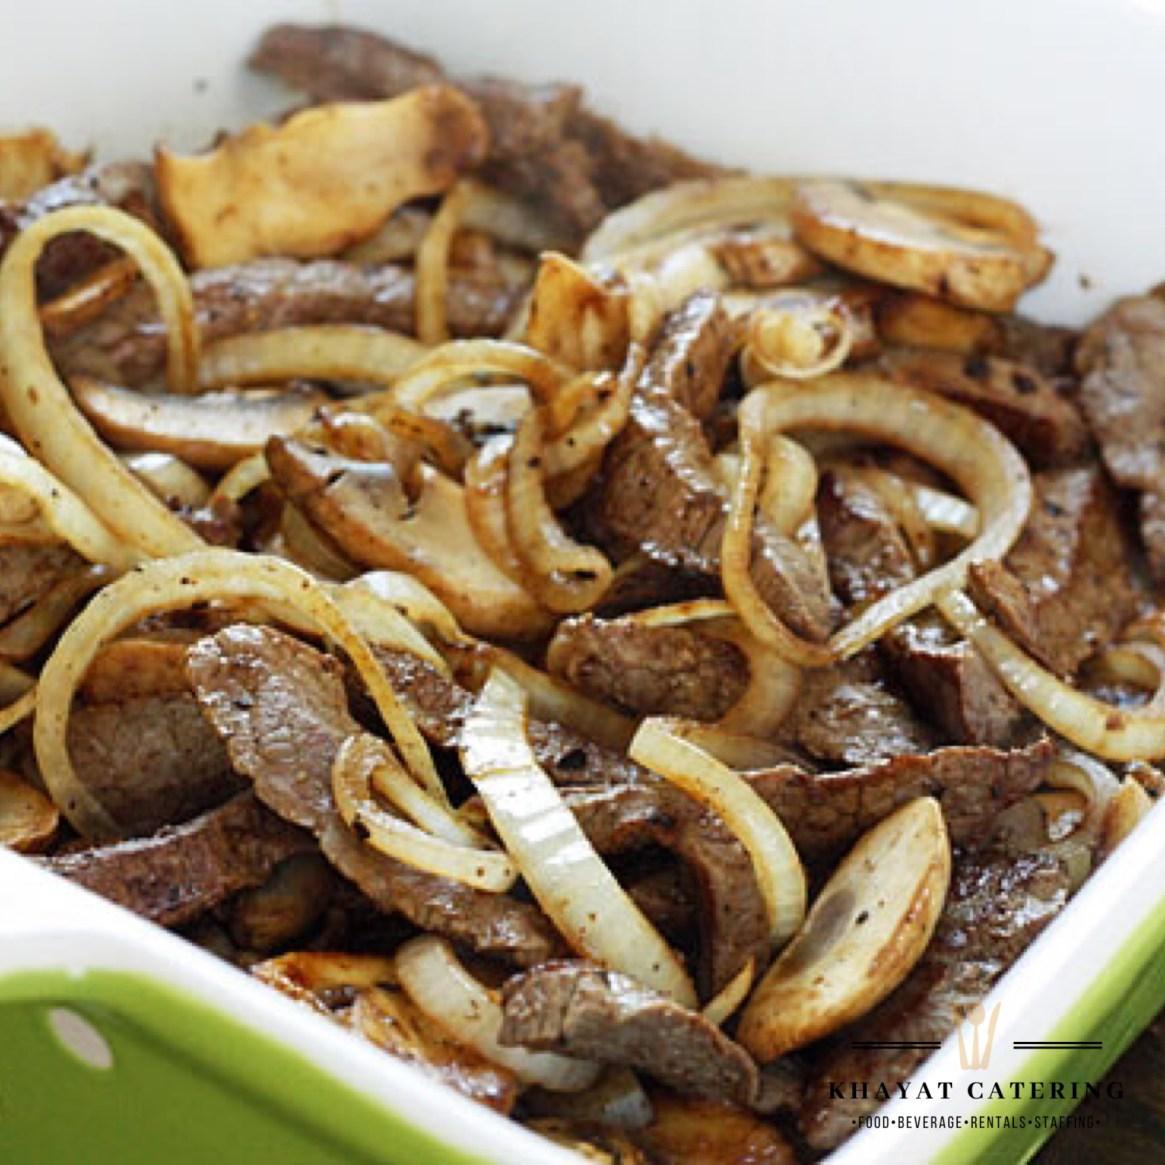 Khayat Catering skirt steak